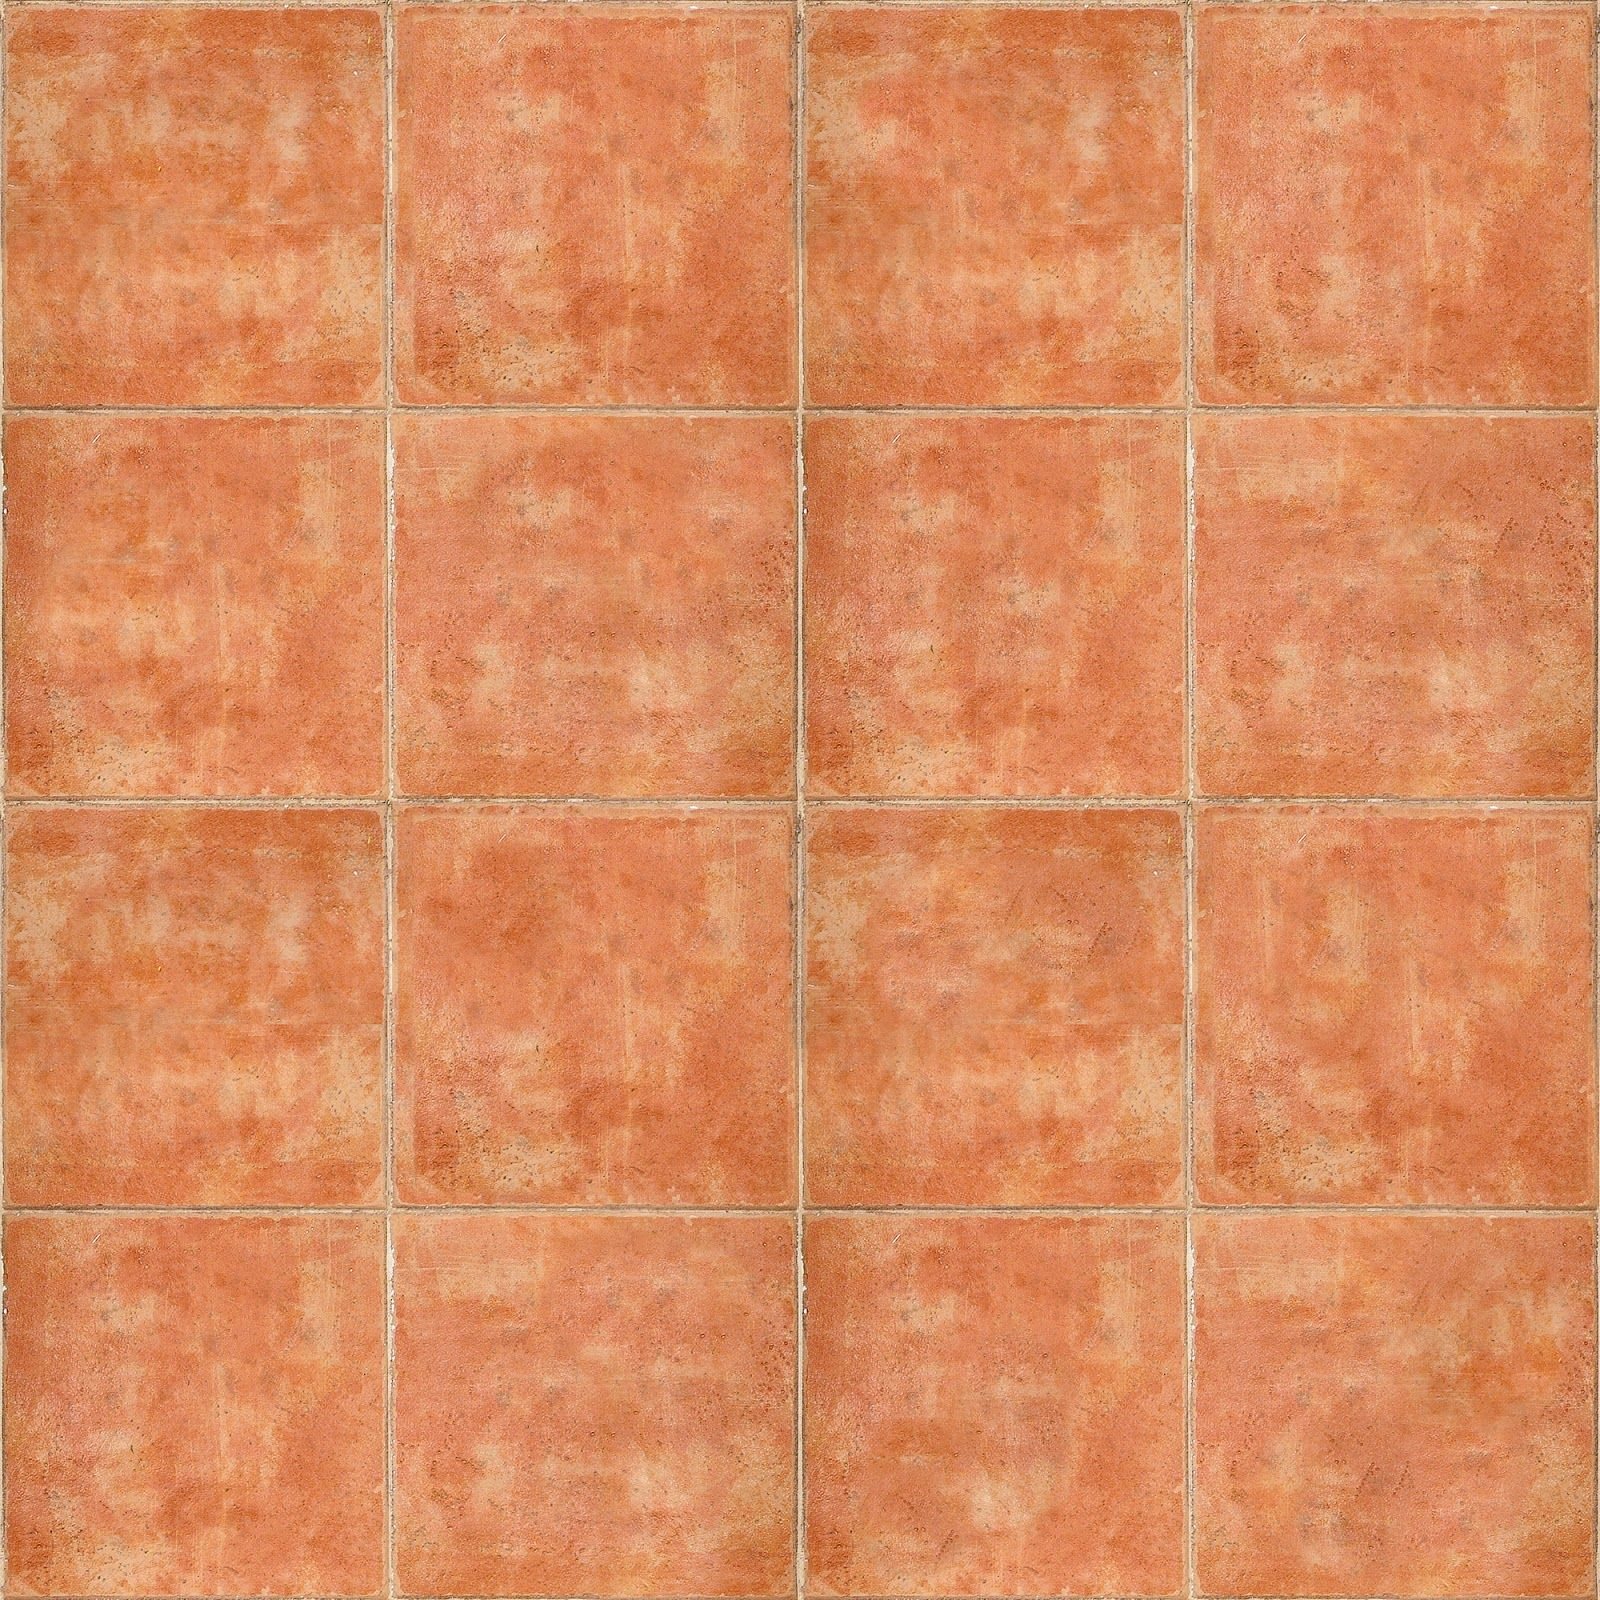 Pin By Antonio D On Textura Floor Texture Terracotta